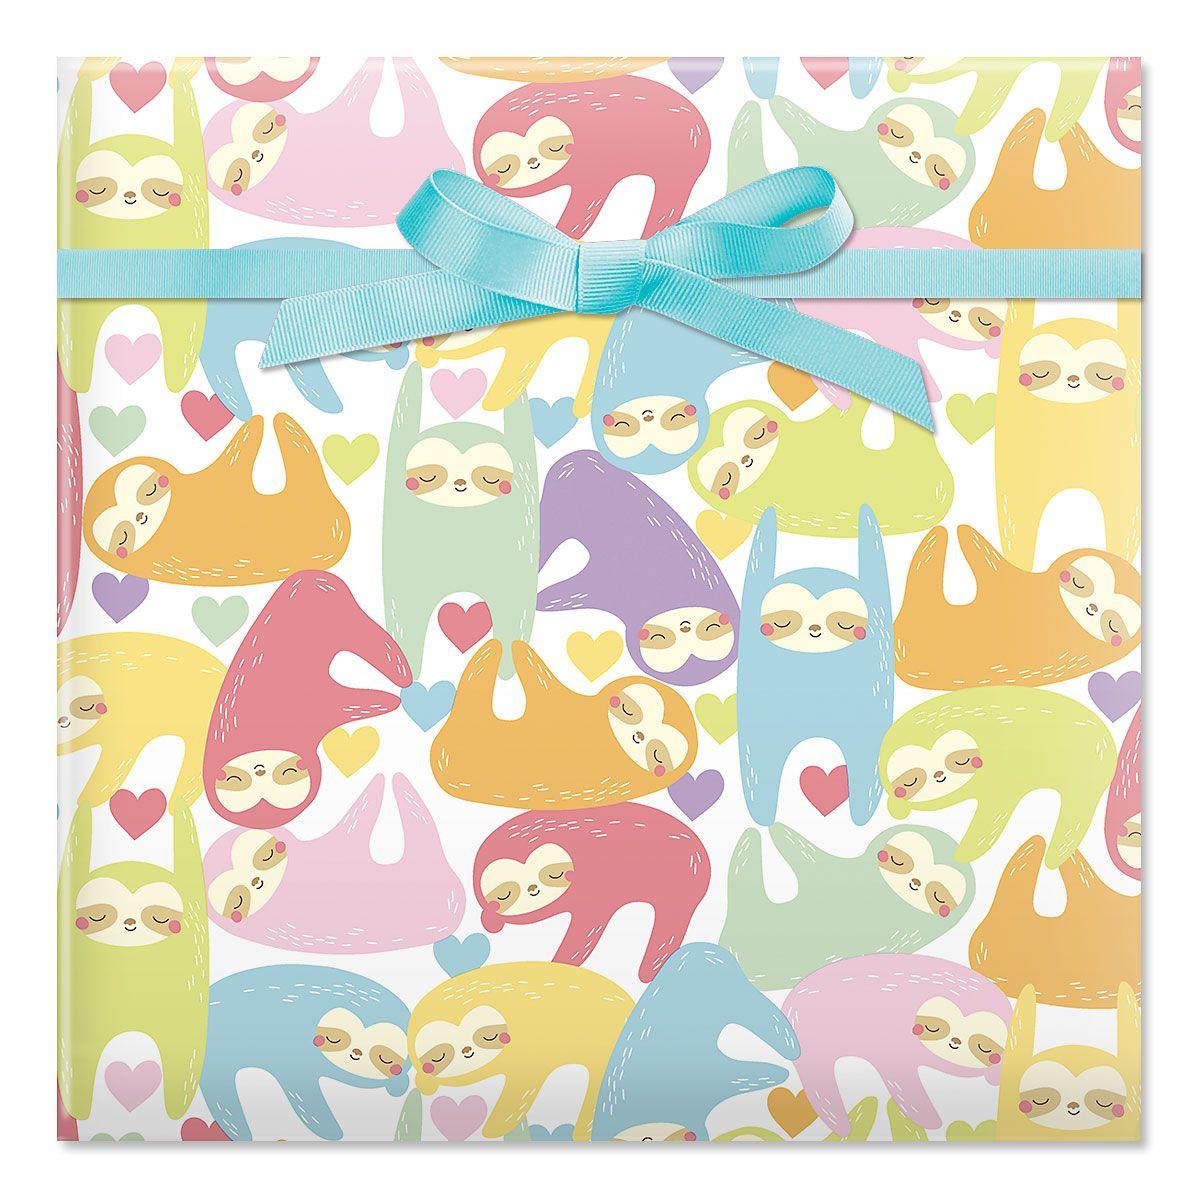 Sloth Jumbo Rolled Gift Wrap